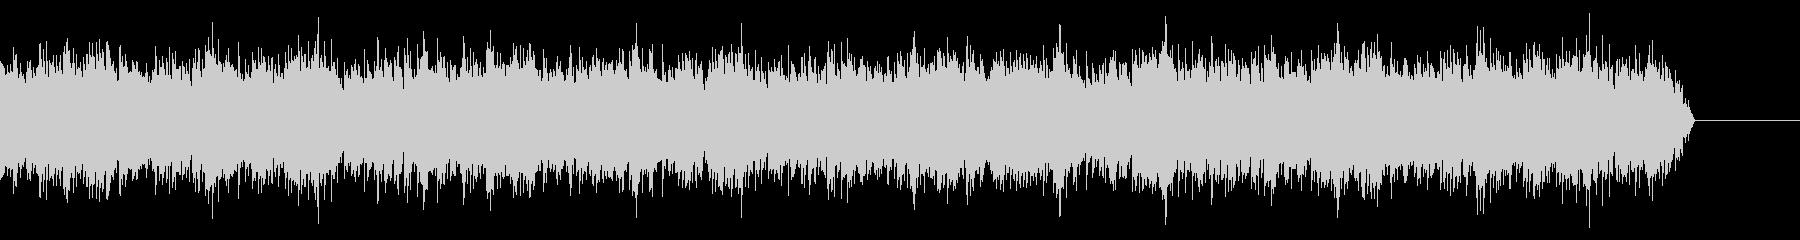 無敵状態、ボーナスタイムの効果音1の未再生の波形